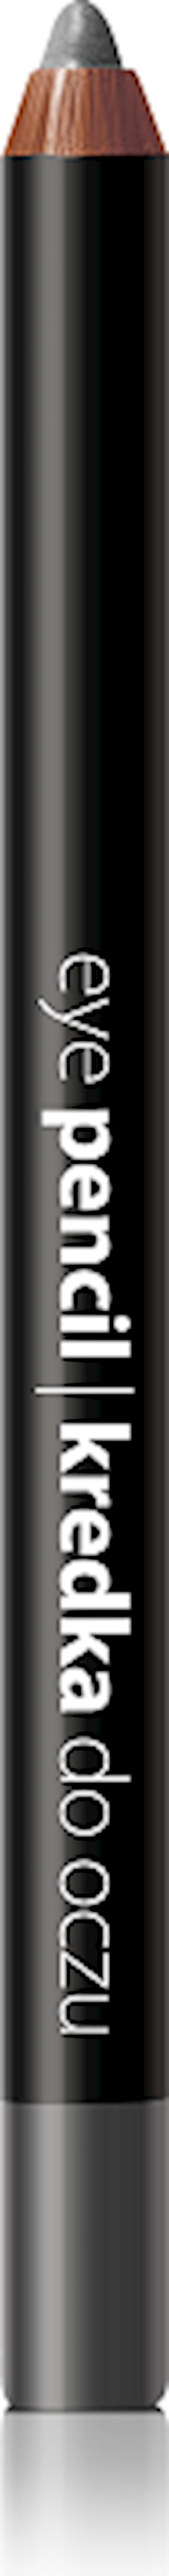 Göz qələmi Paese Eye Pencil 2 Cool Grey